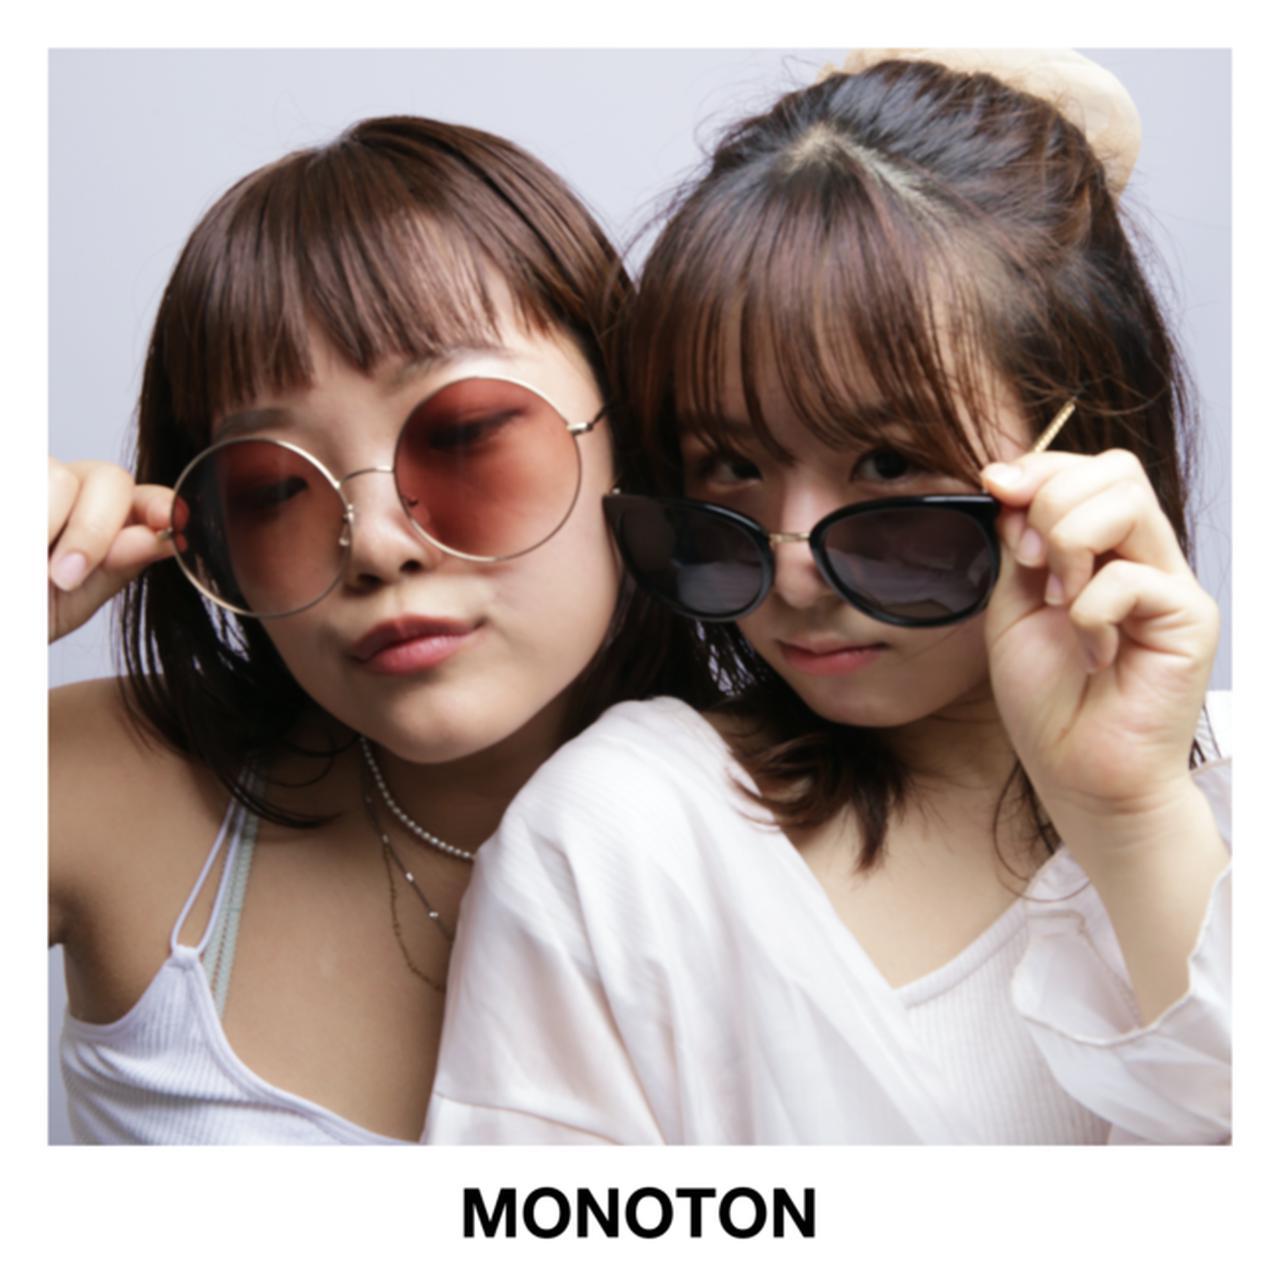 """画像3: 韓国で大流行!自分らしさを映し出すSNSで話題の""""モノクロセルフ写真館""""「MONOTON(モノトン)」が表参道にオープン!"""